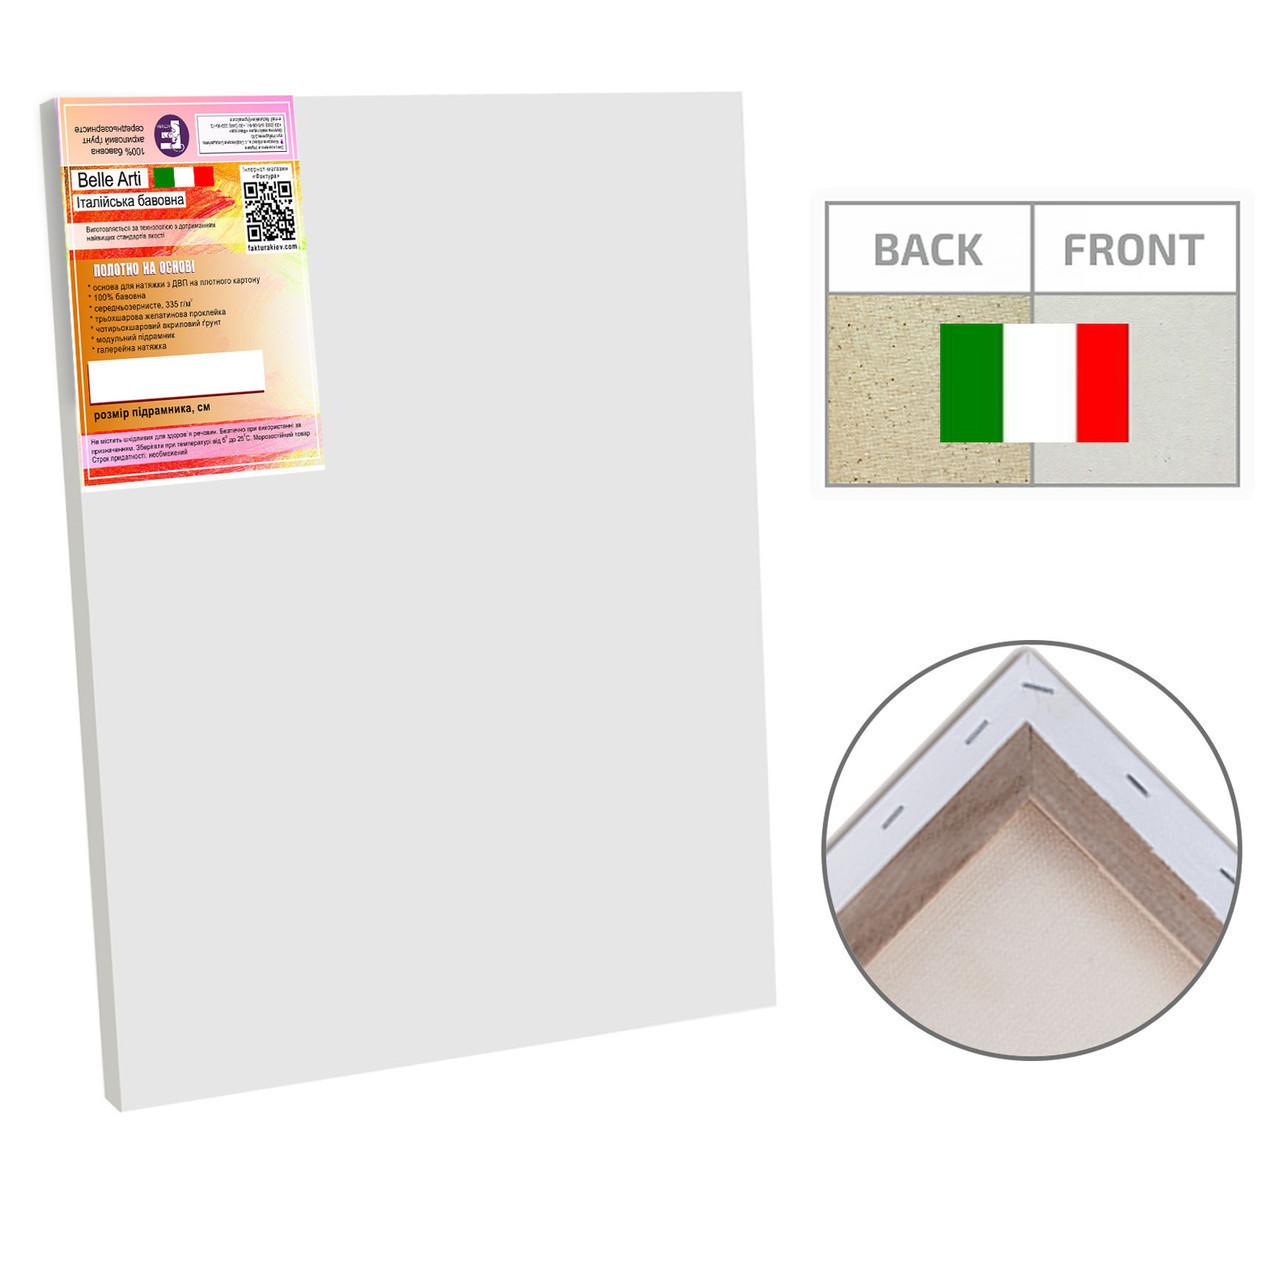 Холст на подрамнике Factura BelleArti 70х90см Итальянский хлопок 285 грамм кв.м. среднее зерно белый, фото 1